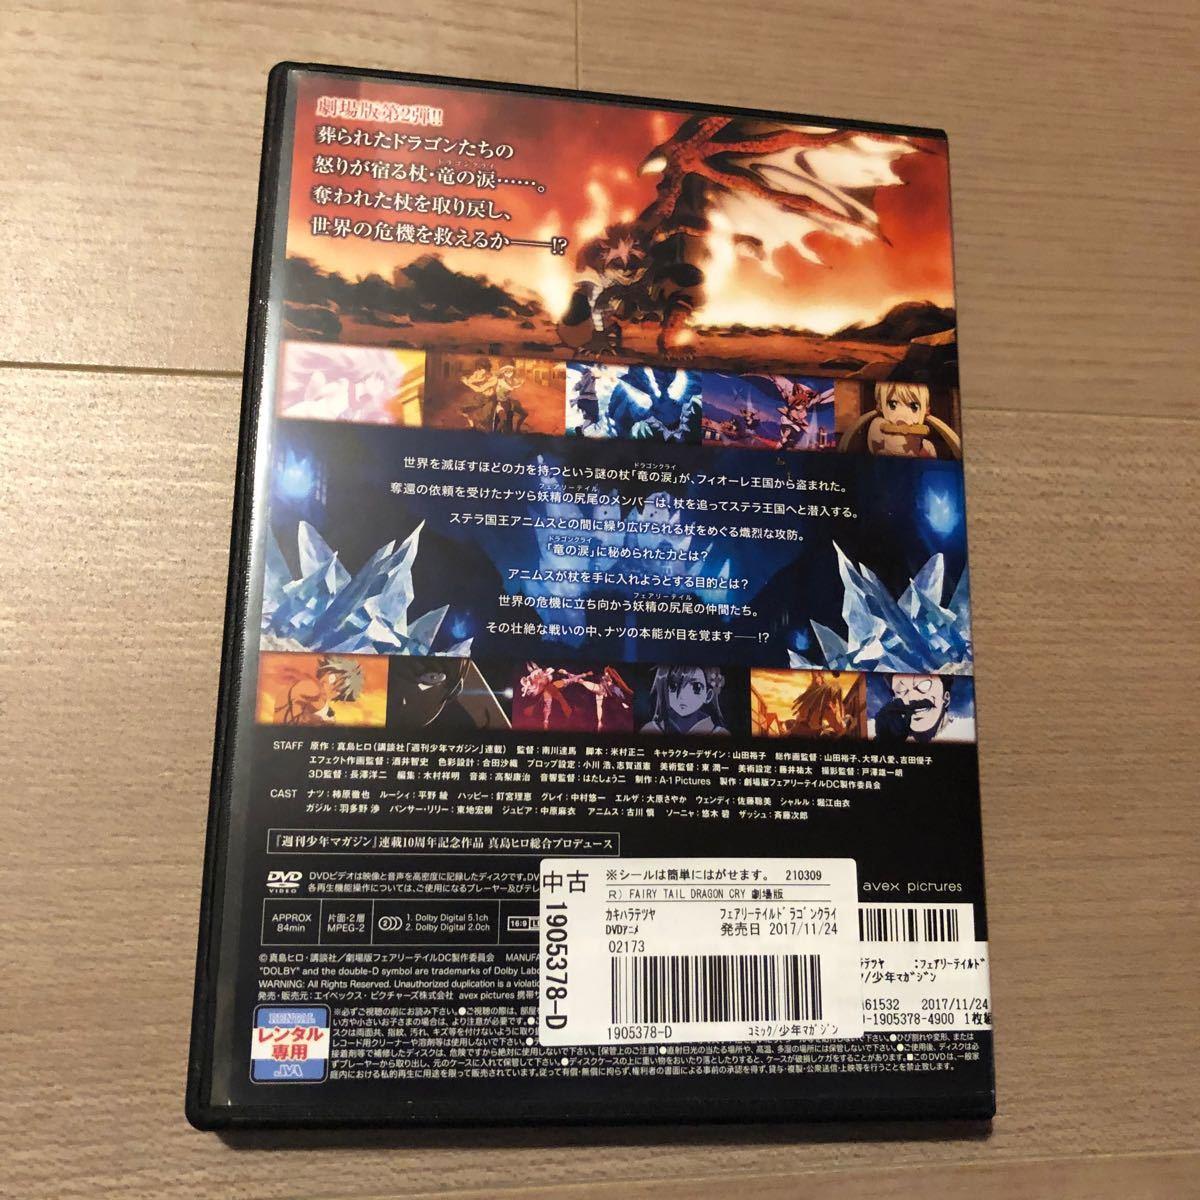 劇場版 フェアリーテイル  DRAGON CRY DVD アニメ